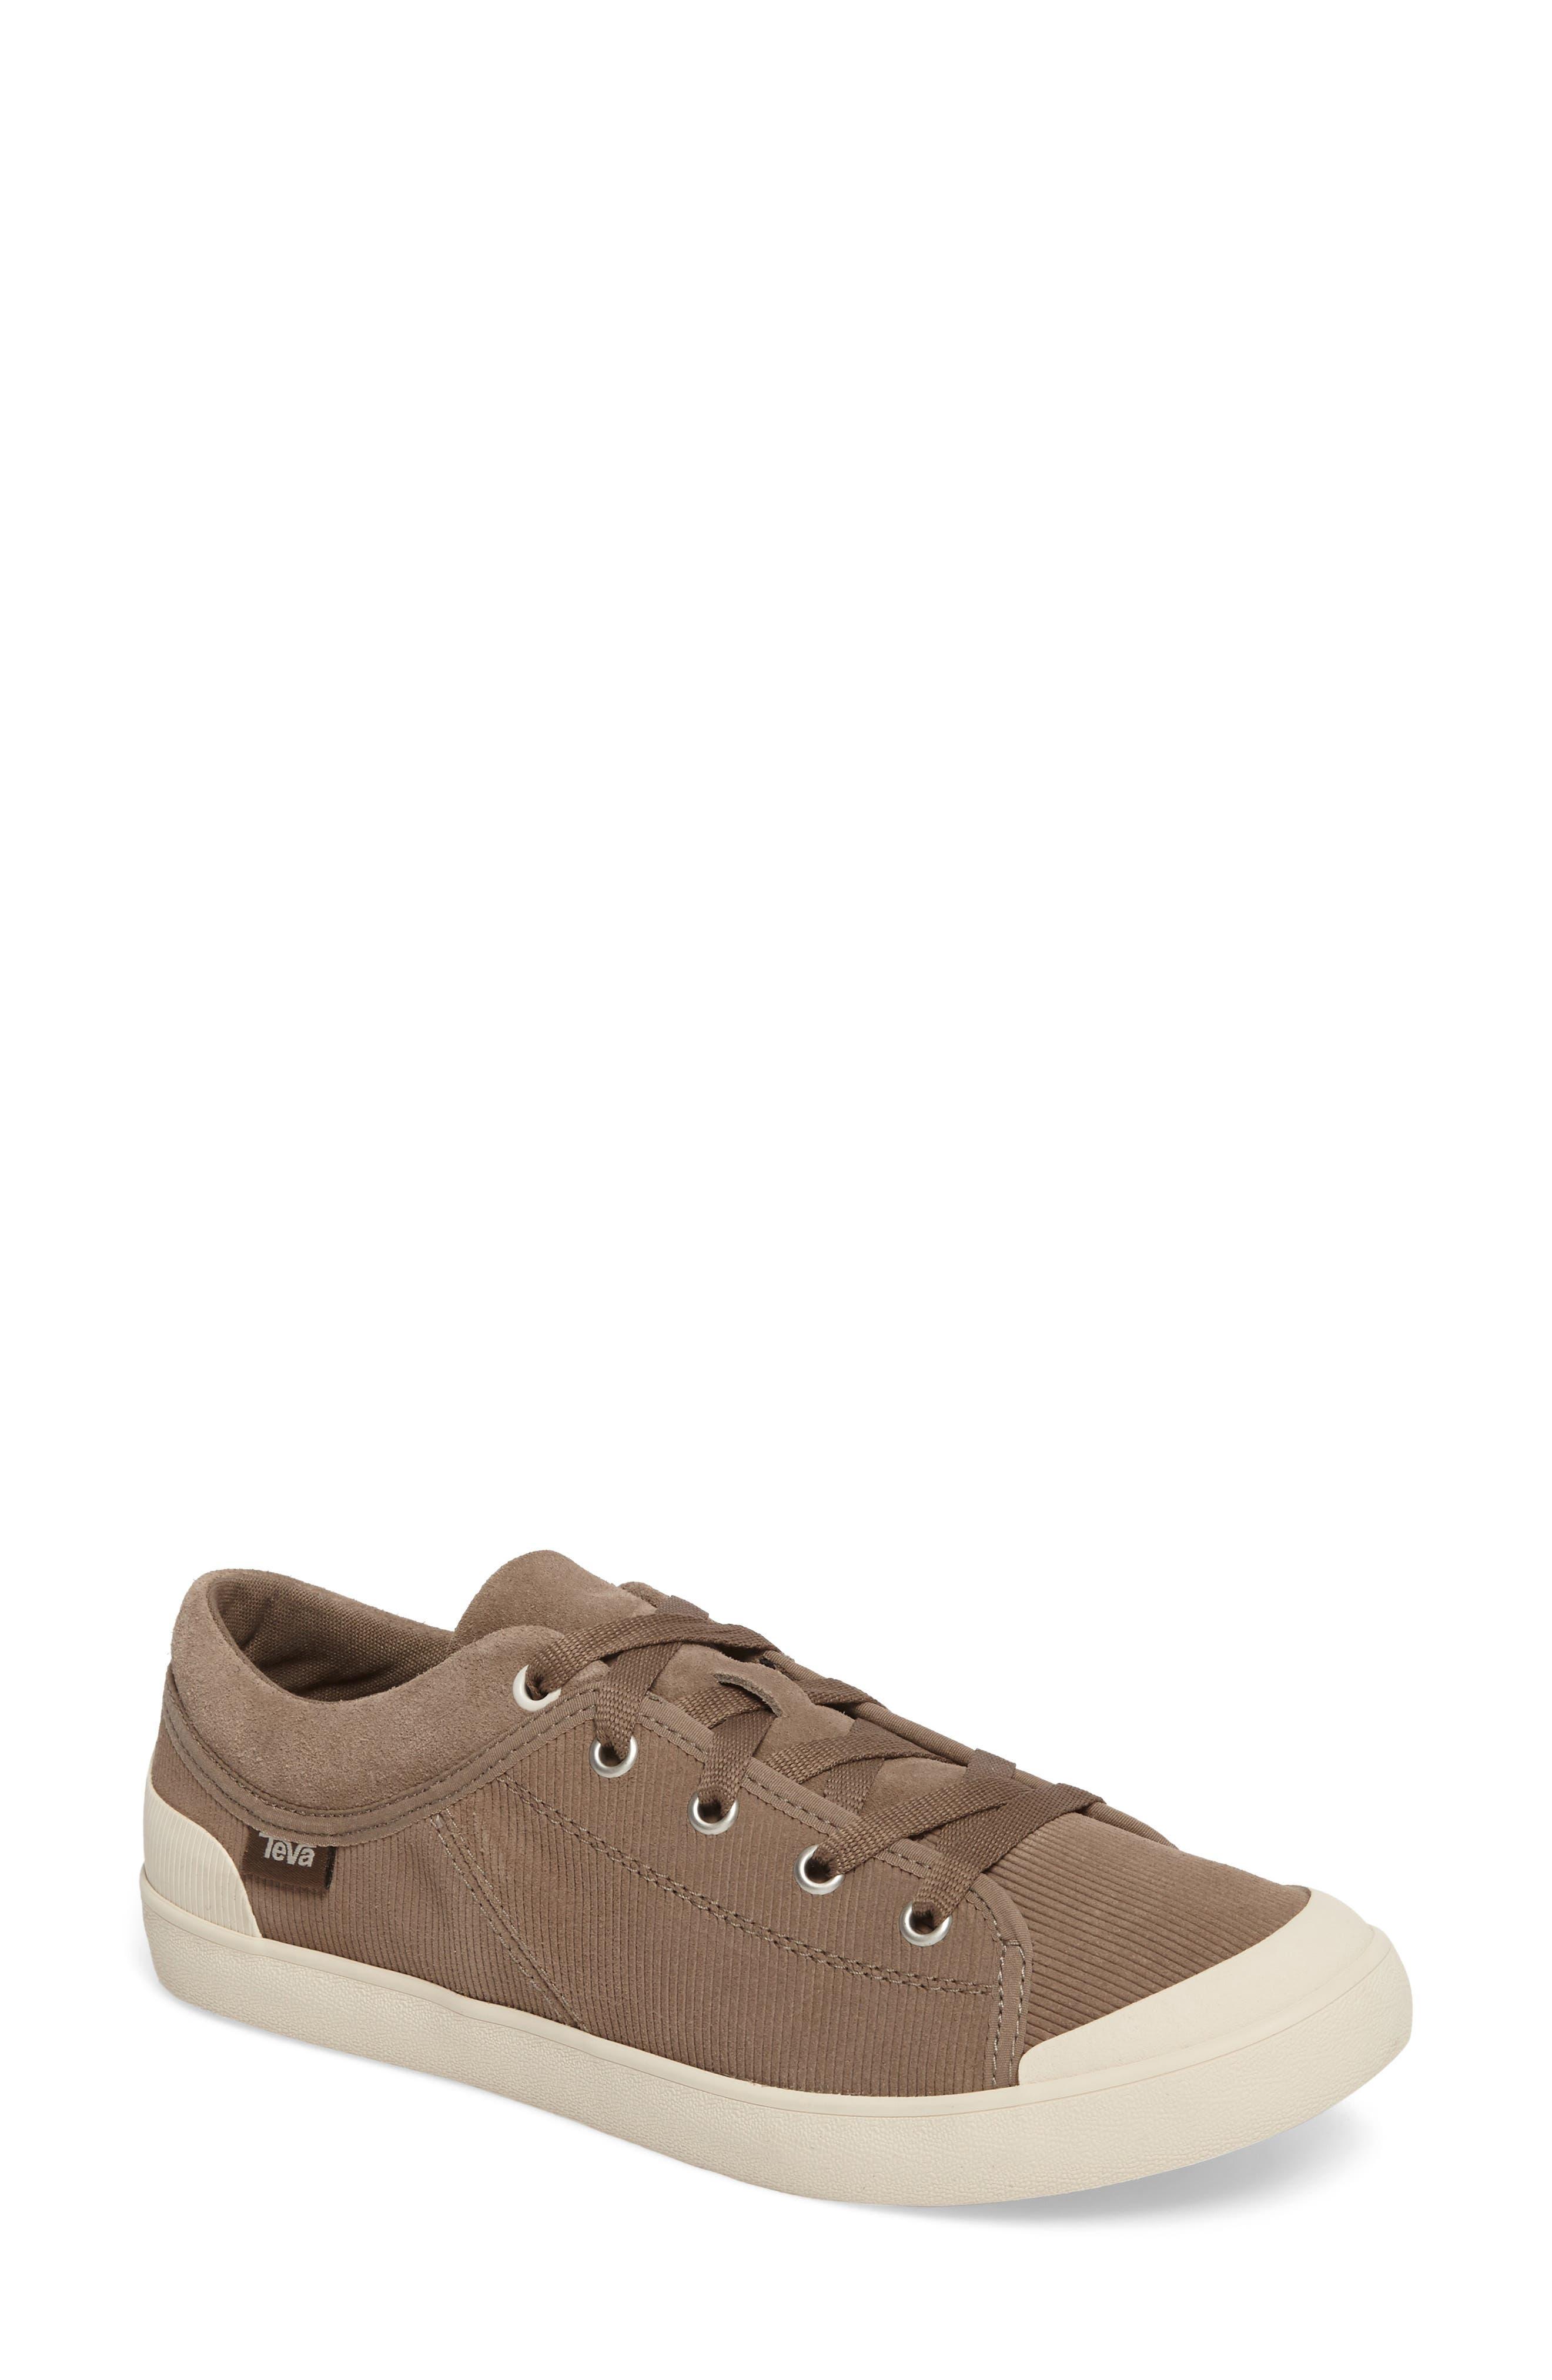 Freewheel Sneaker,                         Main,                         color, 240